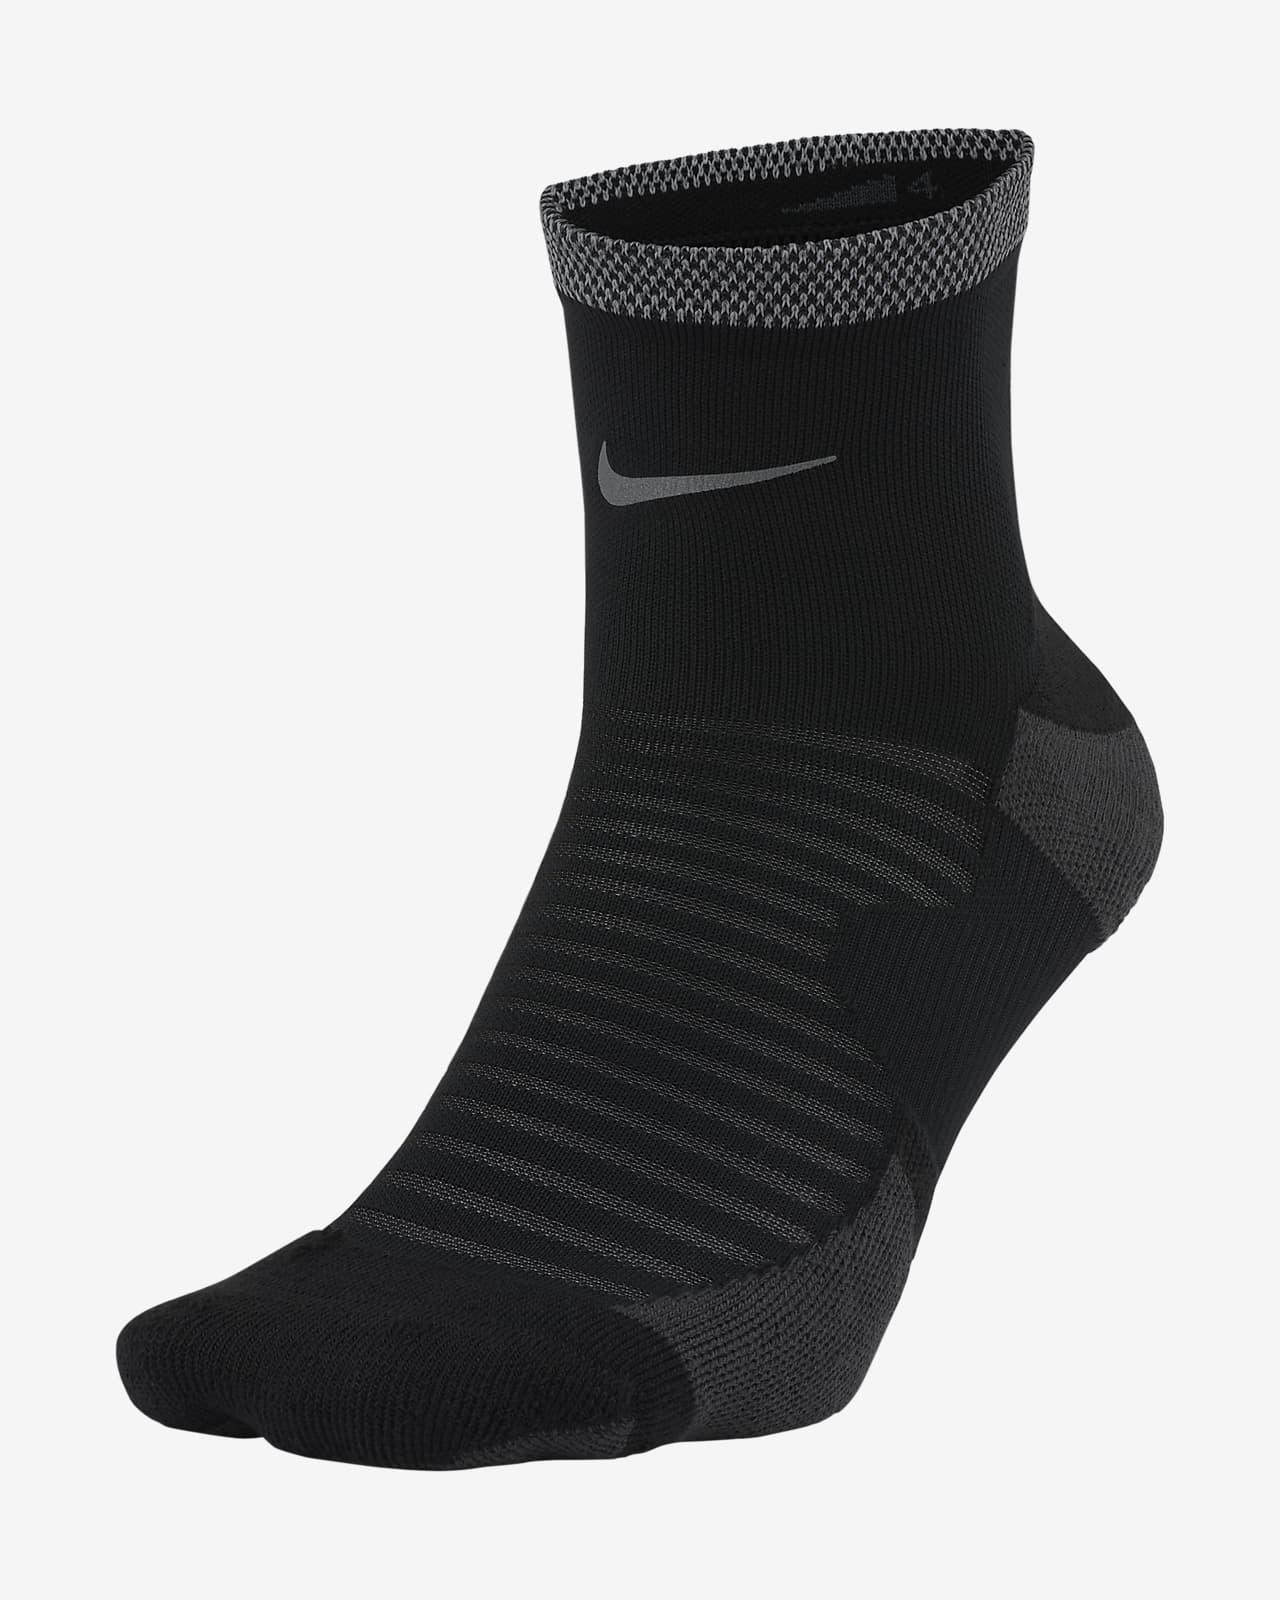 Calcetines de running al tobillo con amortiguación Nike Spark